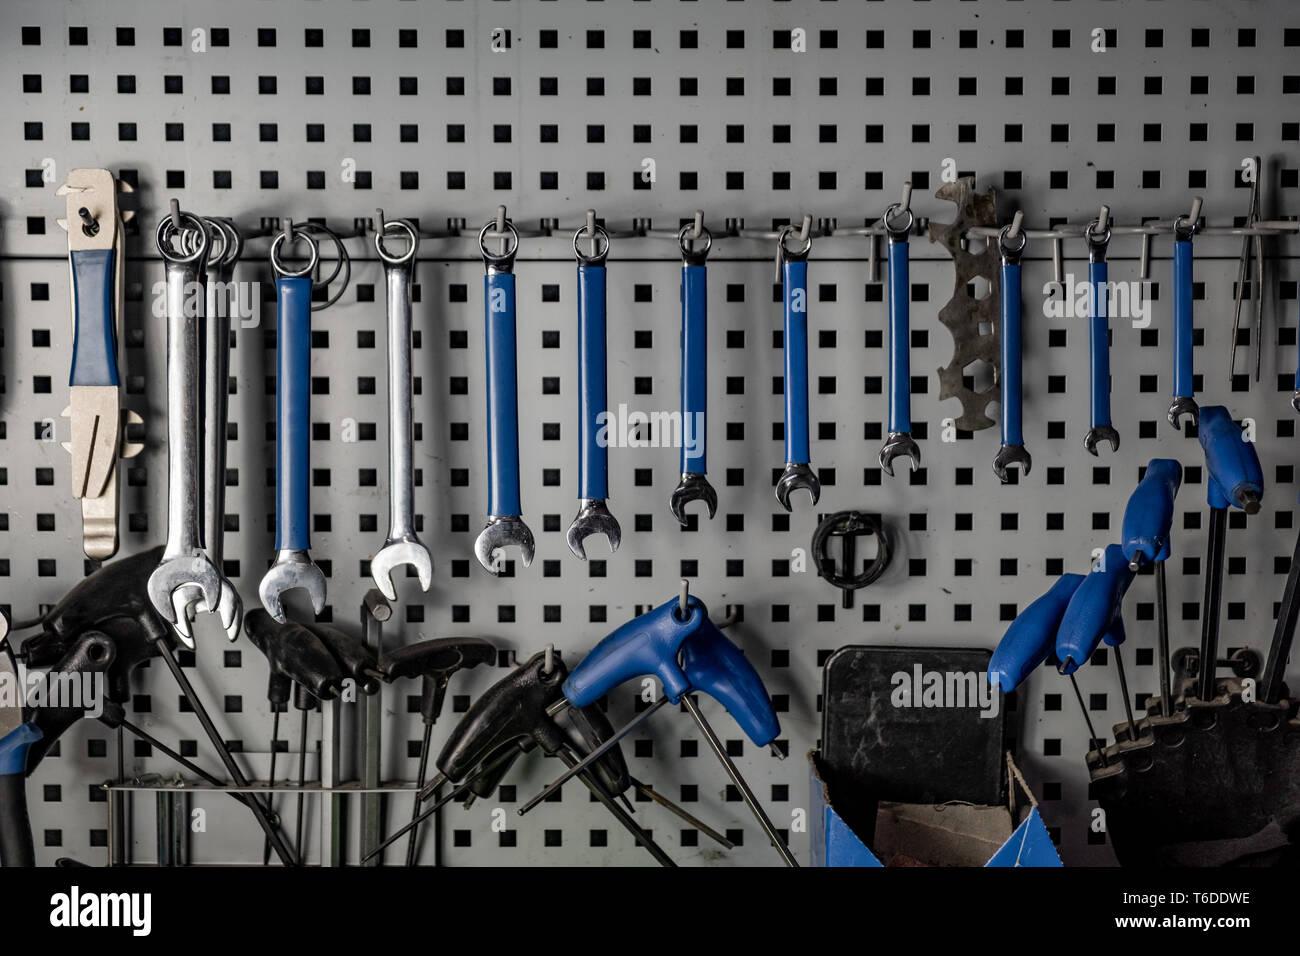 El taller del reparador, cerca bajo clave de imagen. Lugar de trabajo bien organizado de un mecánico, filas de llaves de tuercas y otras herramientas Foto de stock